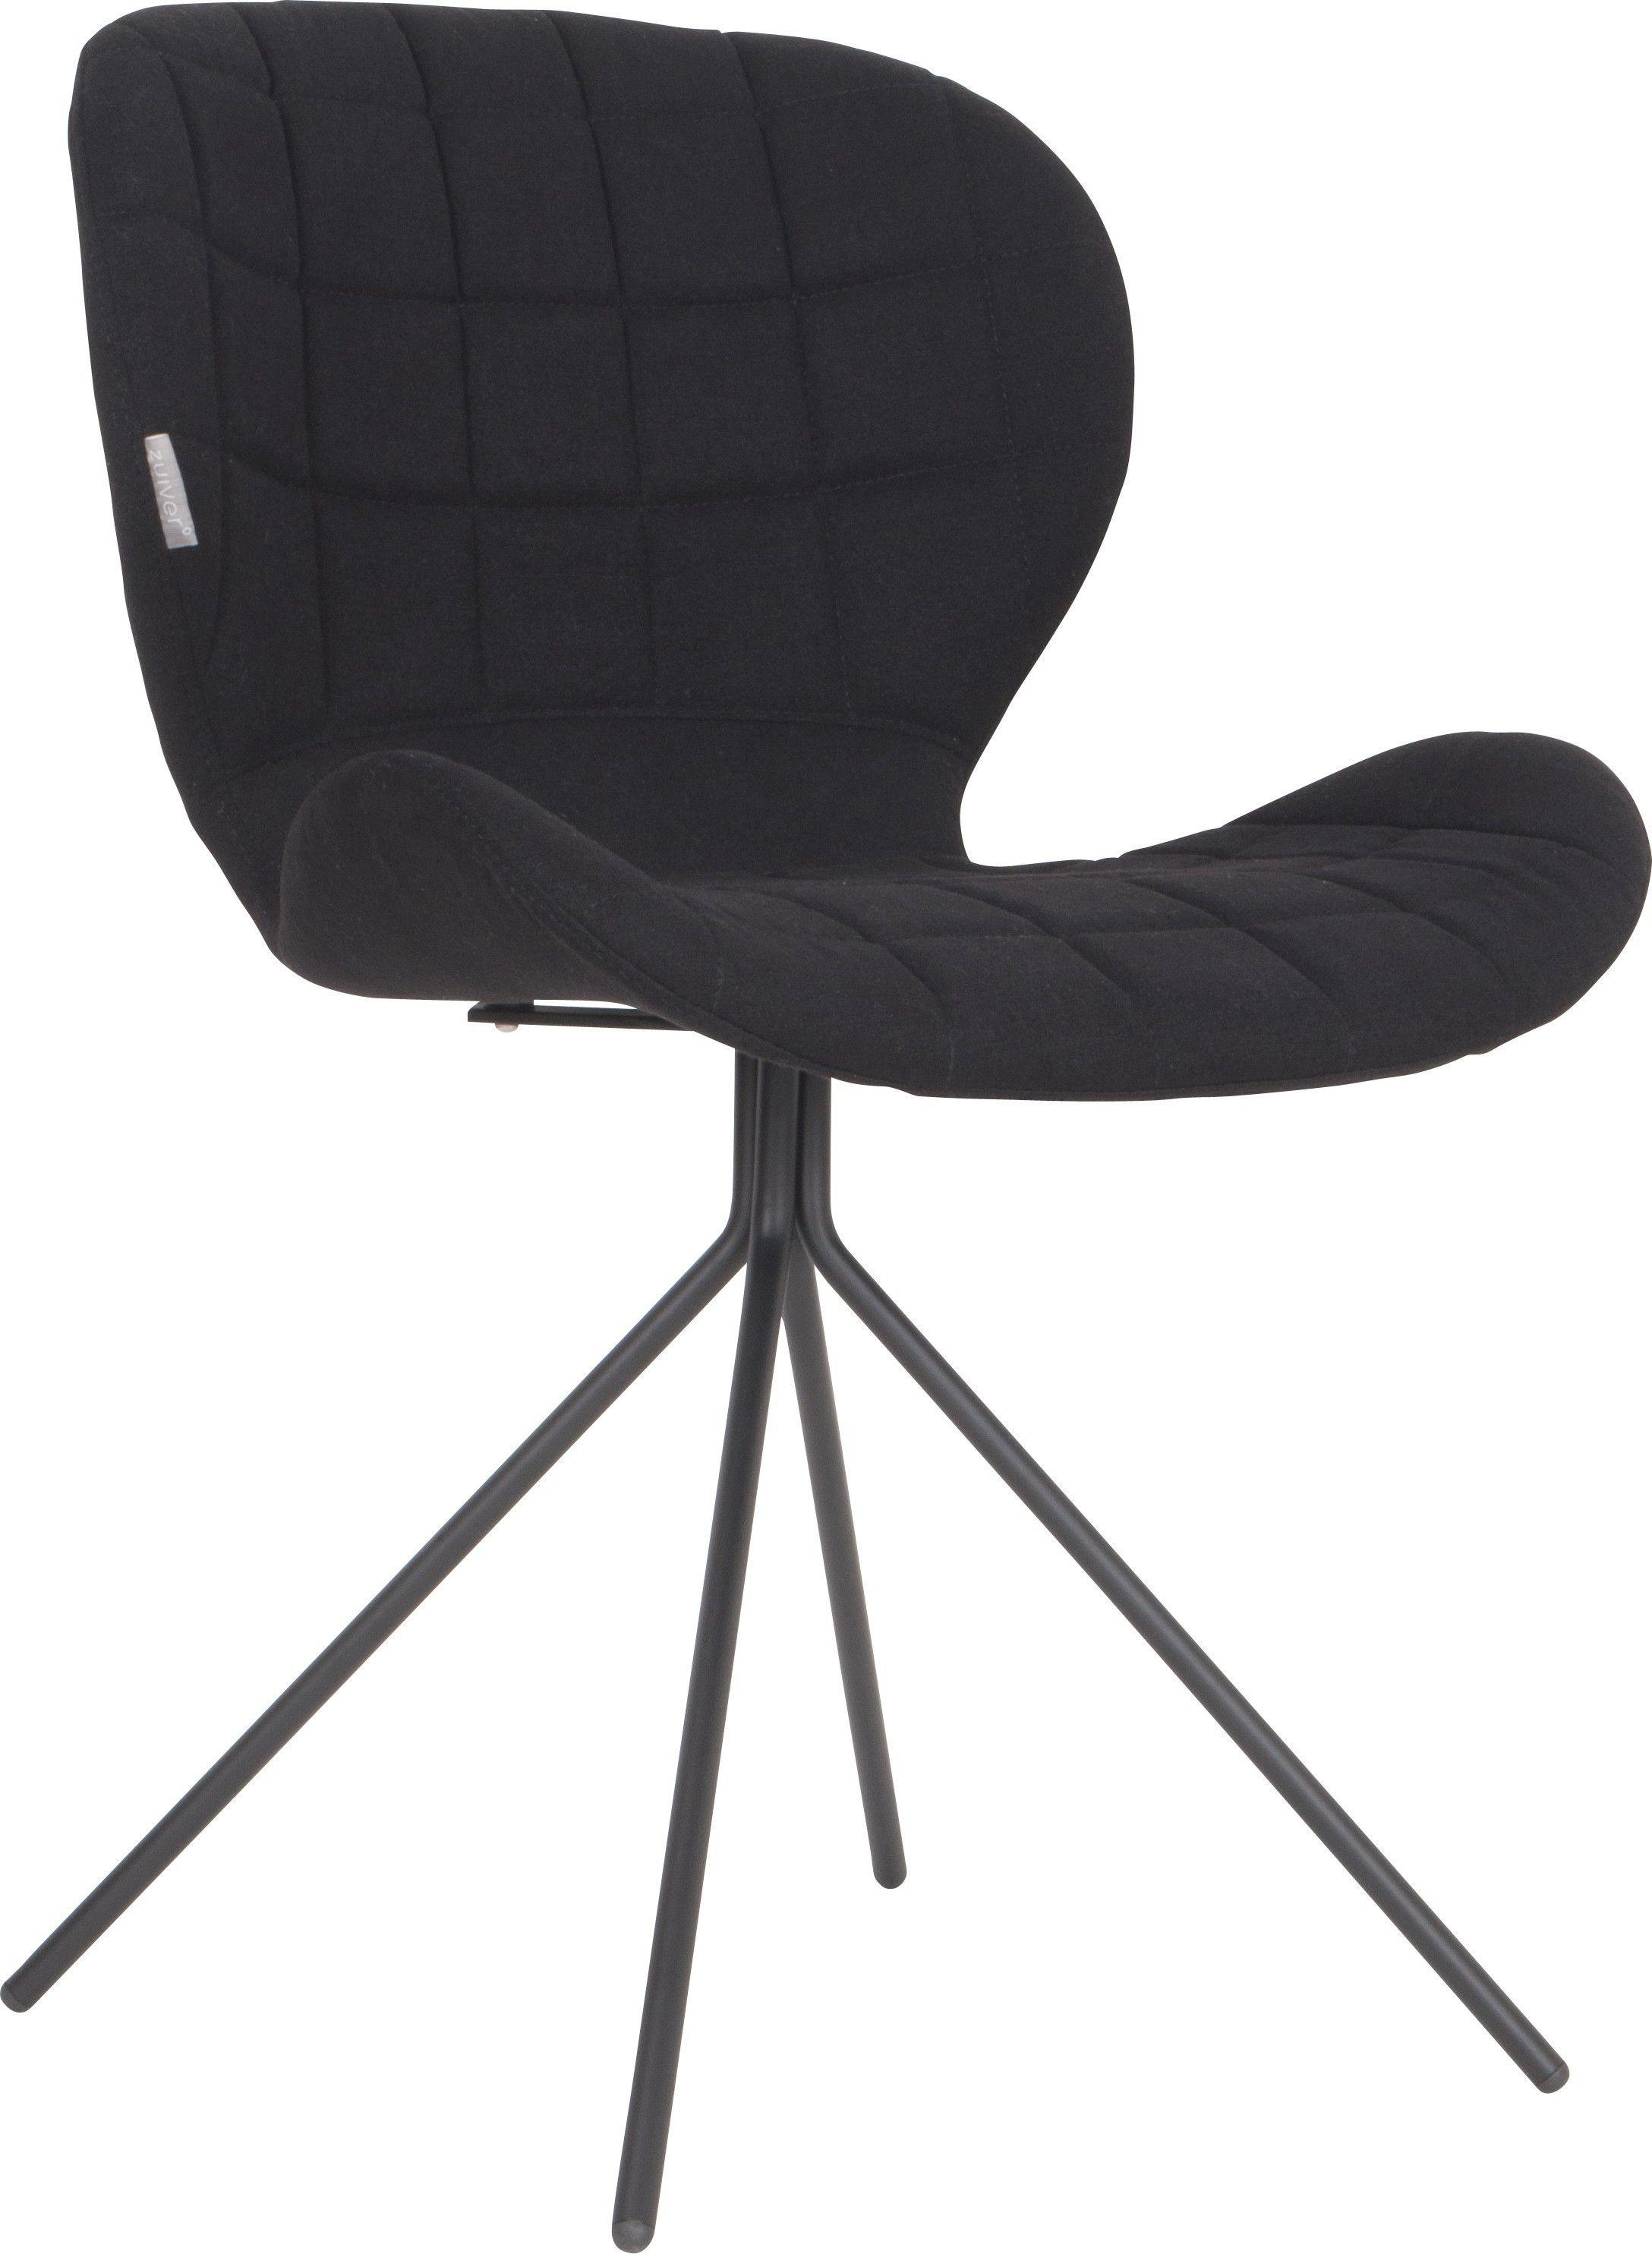 180€ Chaise Cocoon Noir | Mobilier de salon, Chaise design